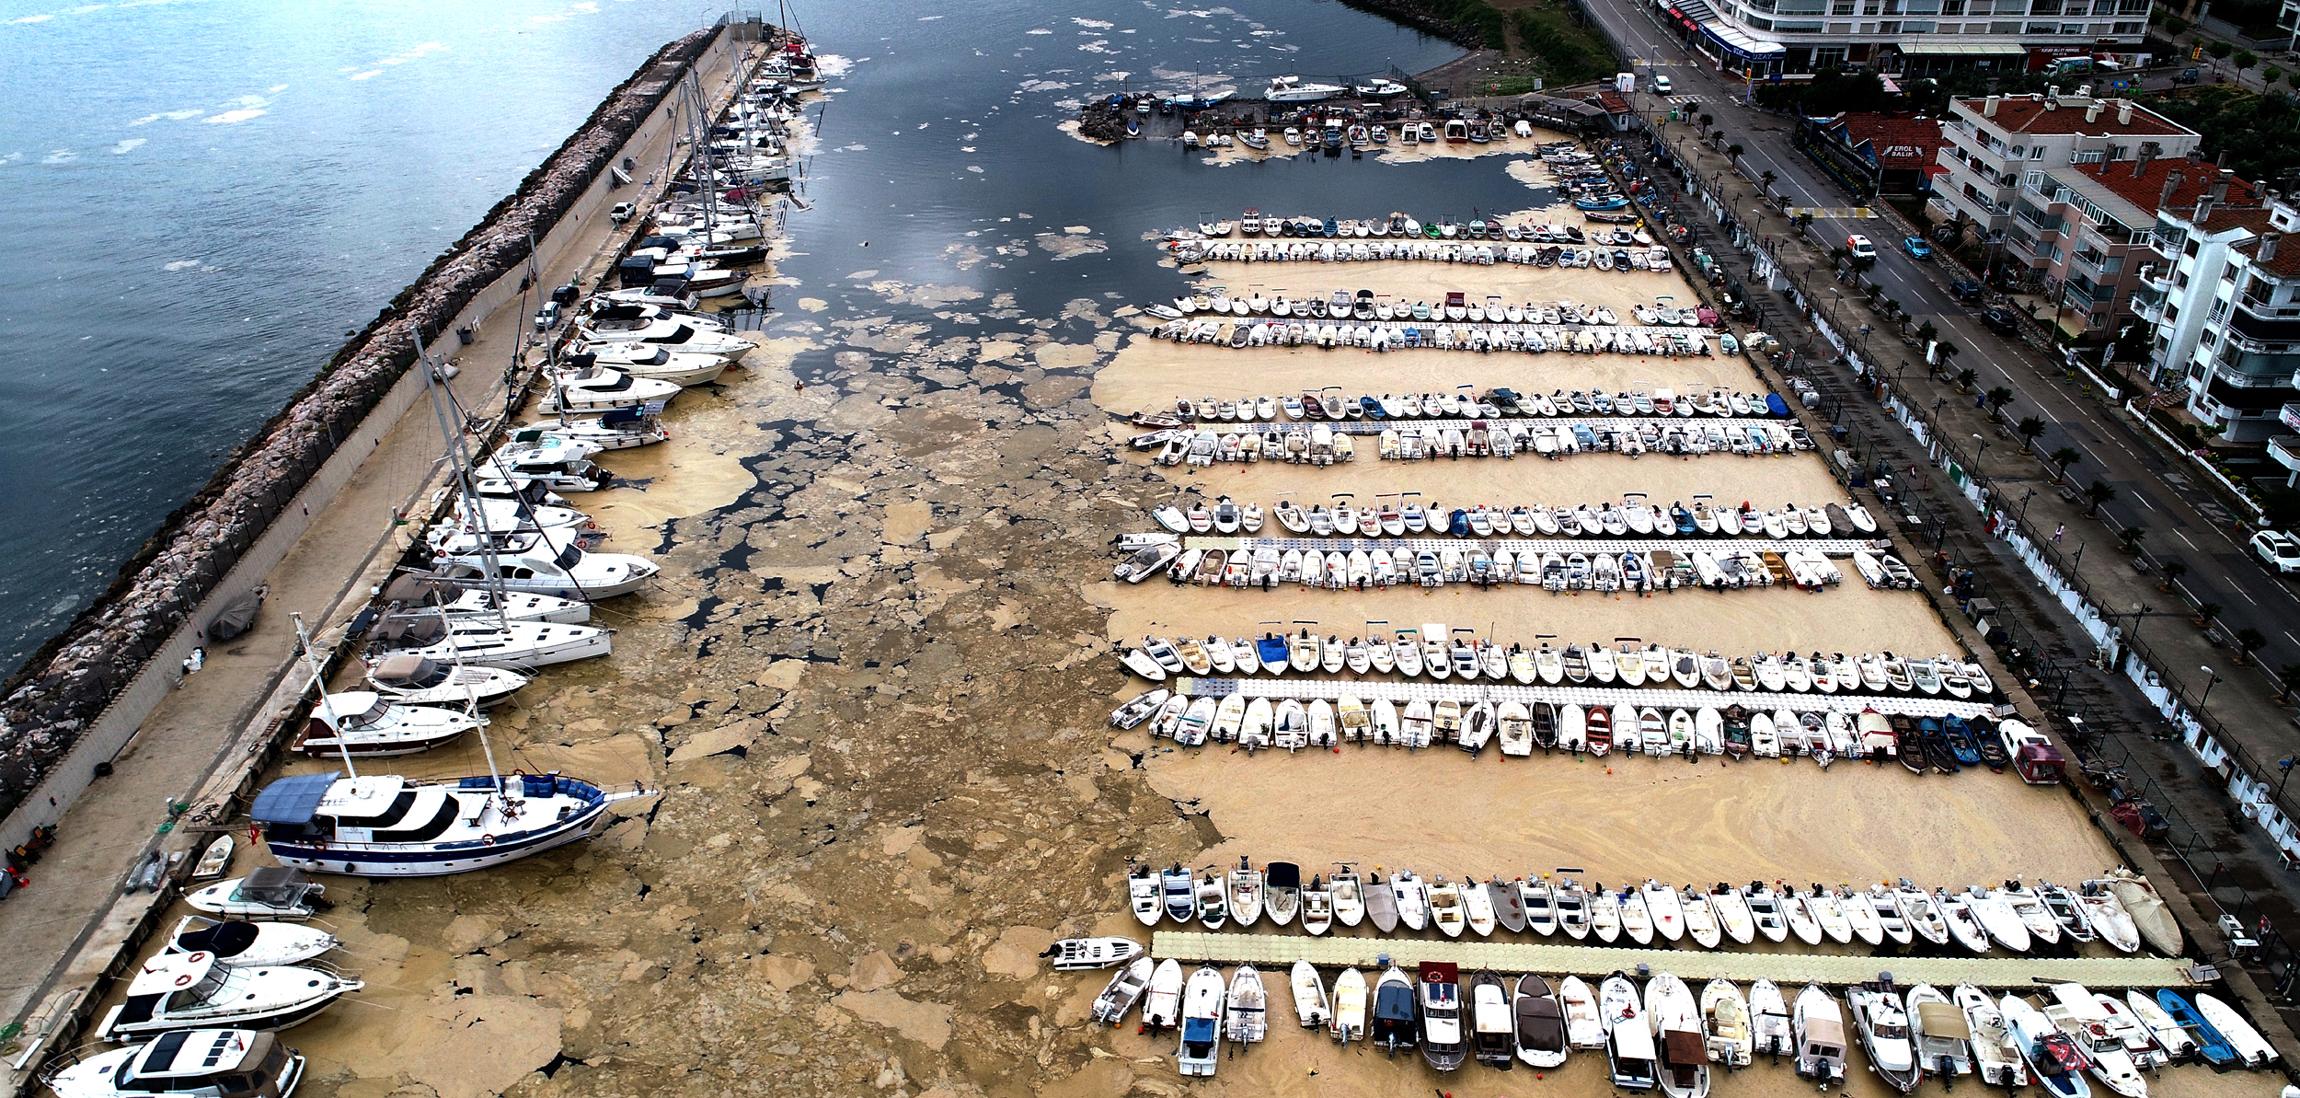 deniz-salyasiyla-kaplanan-mudanya-yat-limani-havadan-goruntulendi-8828-dhaphoto3.jpg